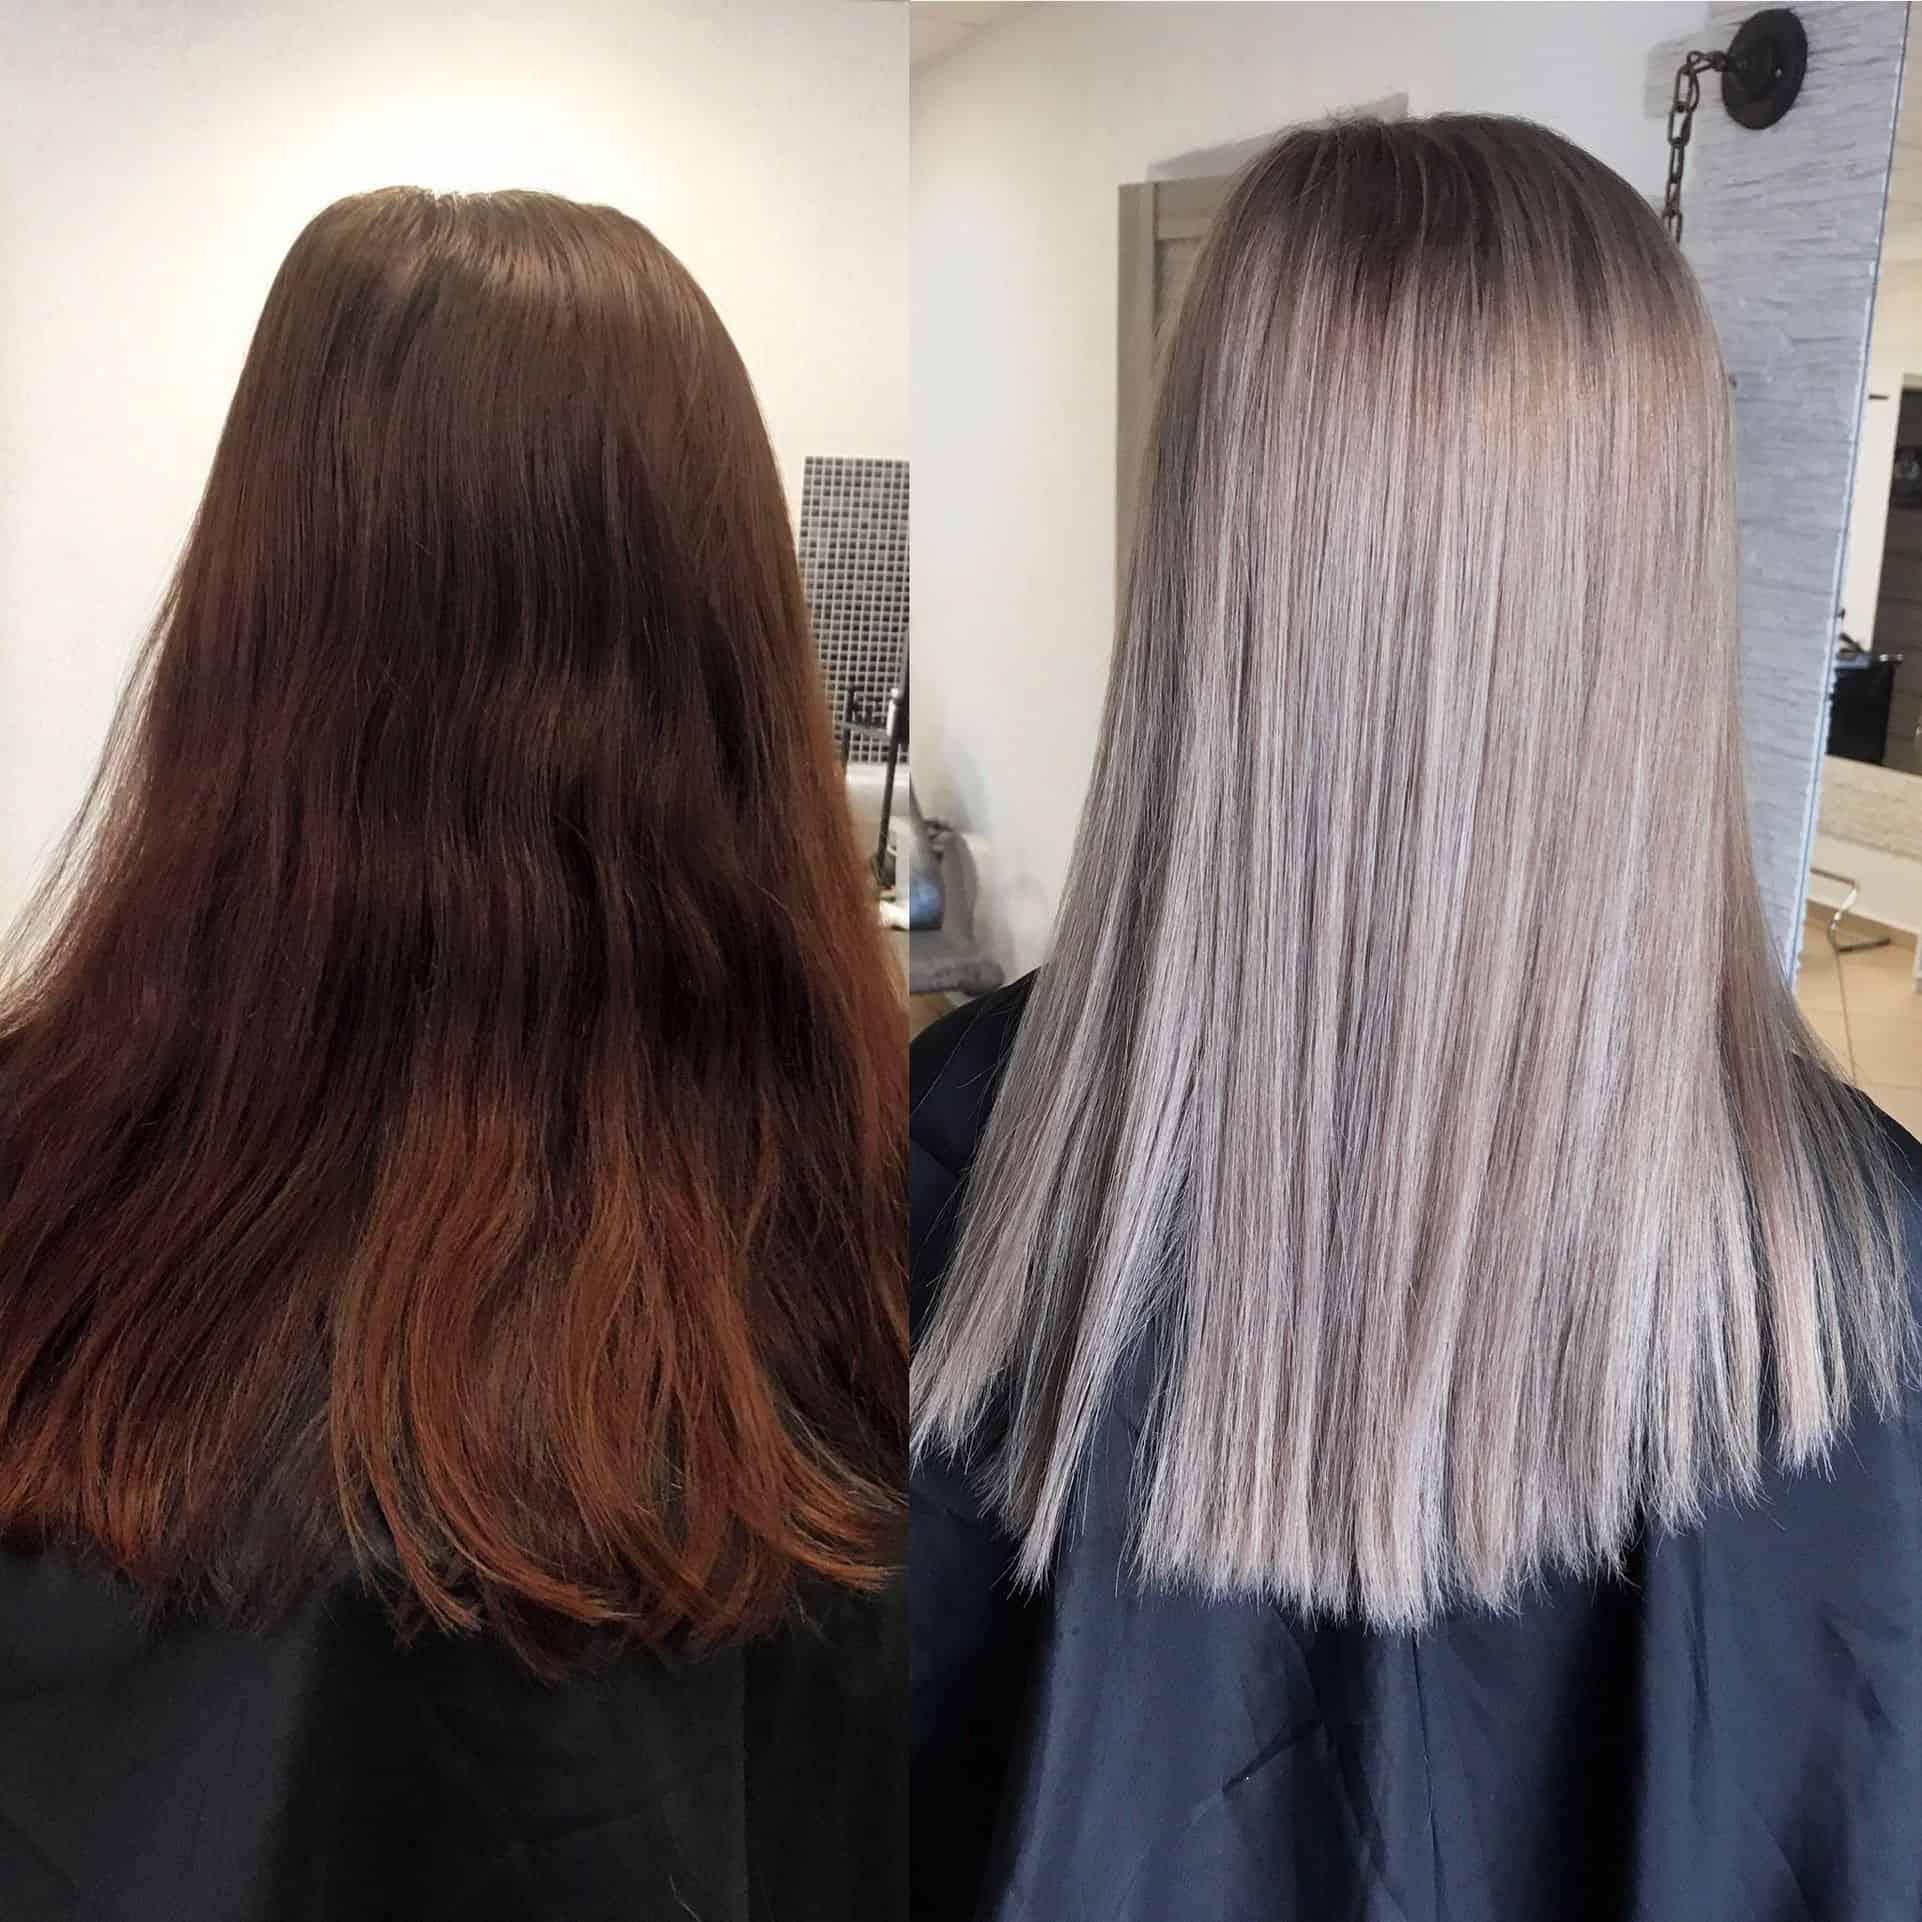 Coloration des cheveux avec le traitement capillaire Olaplex : avant / après